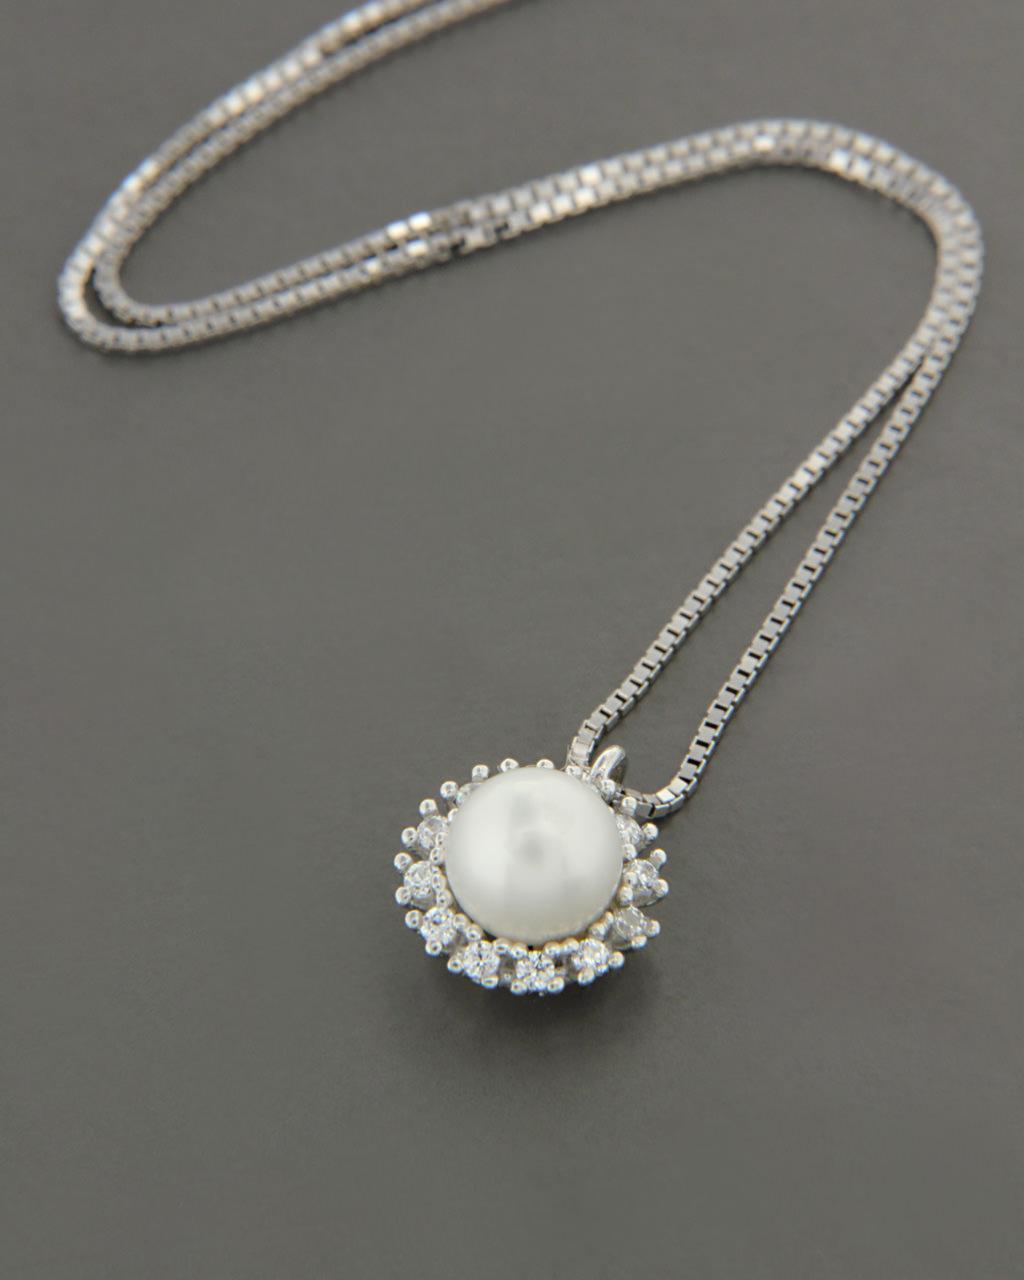 Κολιέ λευκόχρυσο Κ14 με Μαργαριτάρι & Ζιργκόν   κοσμηματα κρεμαστά κολιέ κρεμαστά κολιέ λευκόχρυσα